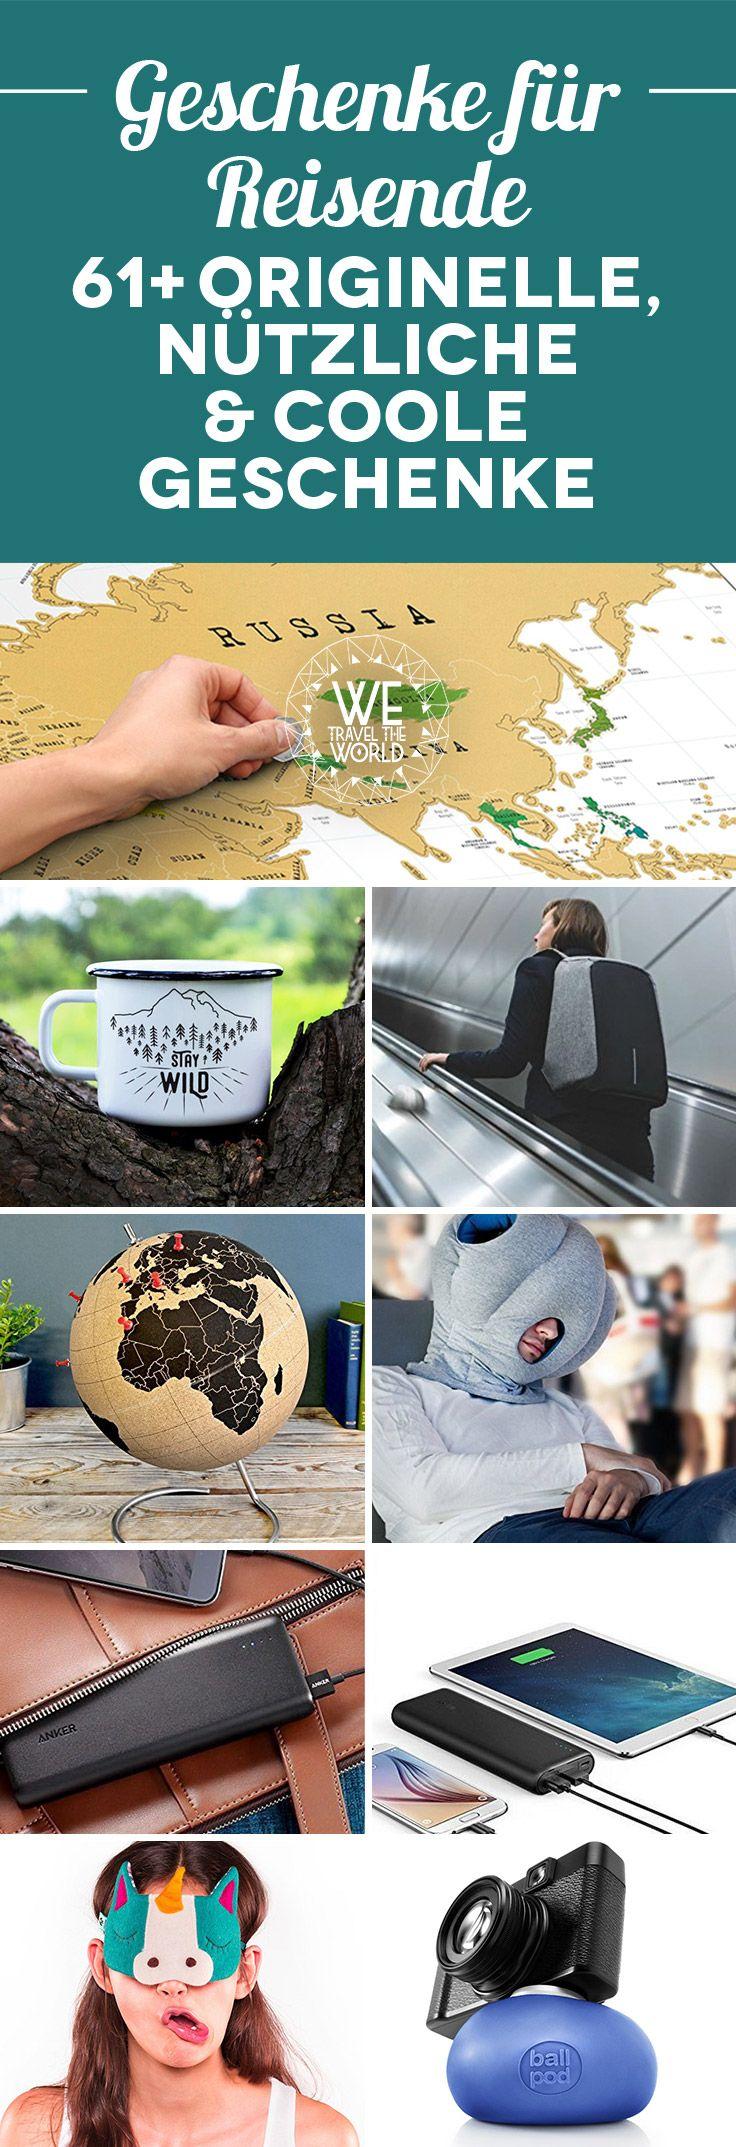 die besten 25 reise geschenke ideen auf pinterest reisewand reisehandwerk und weltkarte. Black Bedroom Furniture Sets. Home Design Ideas